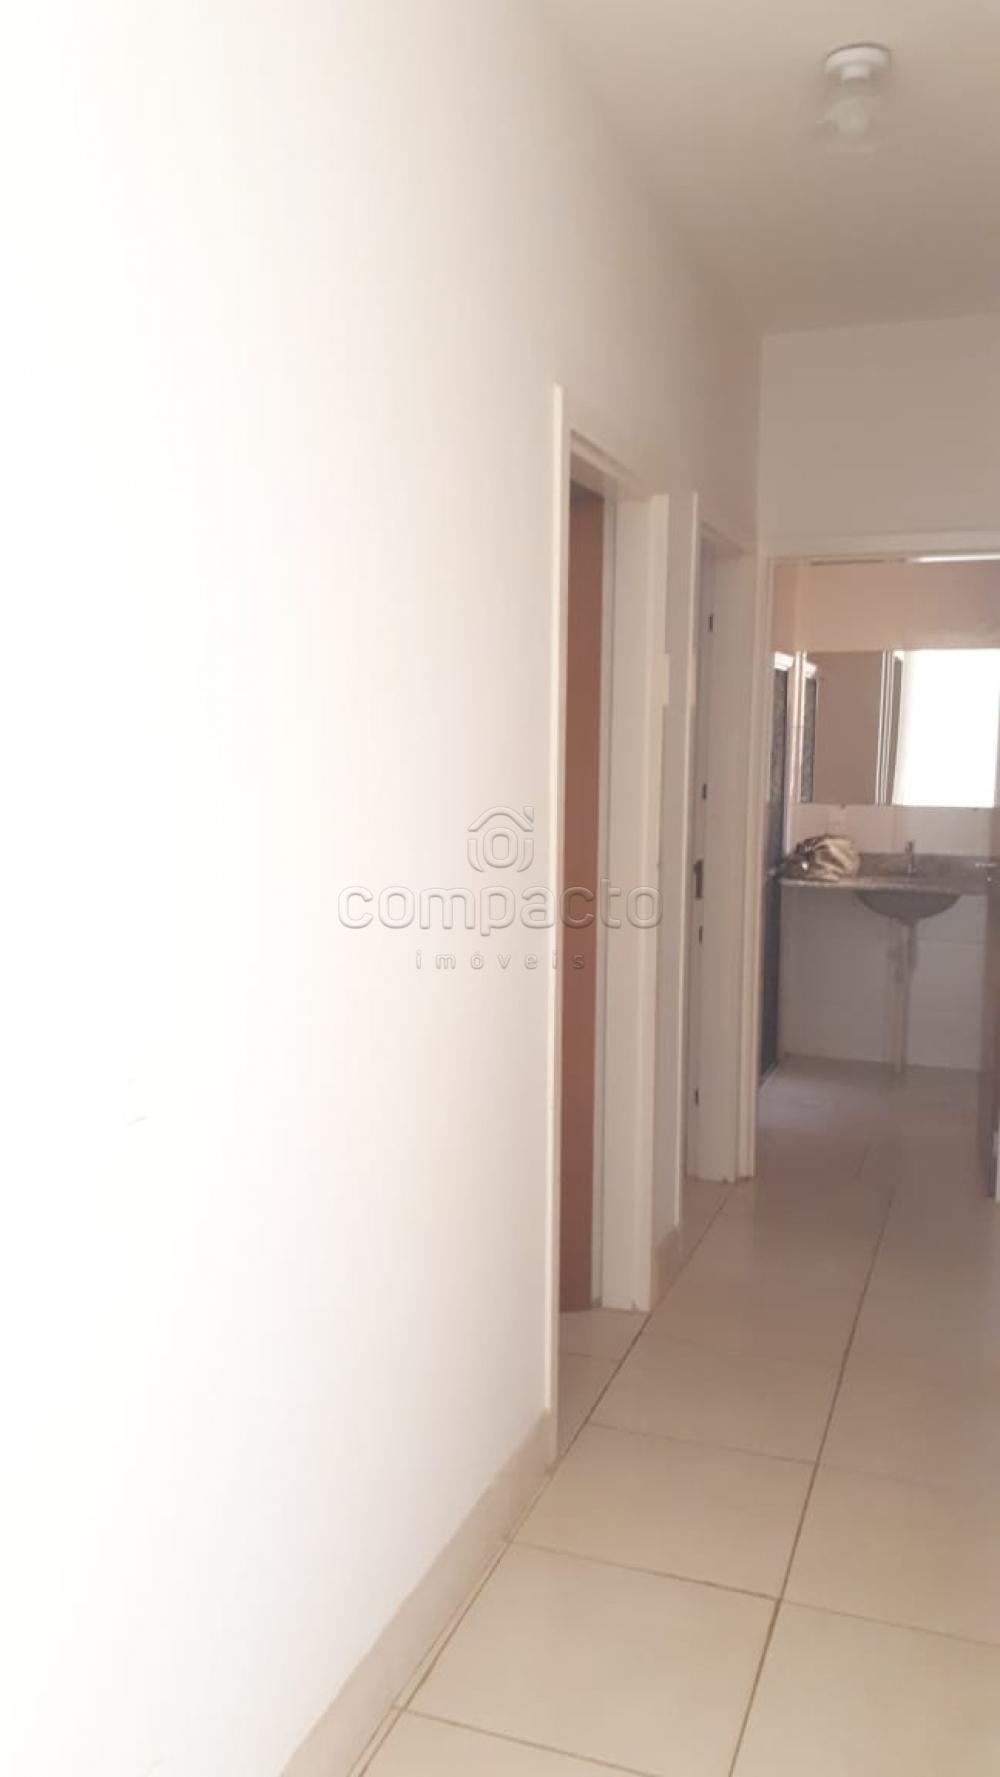 Comprar Apartamento / Padrão em São José do Rio Preto apenas R$ 140.000,00 - Foto 12